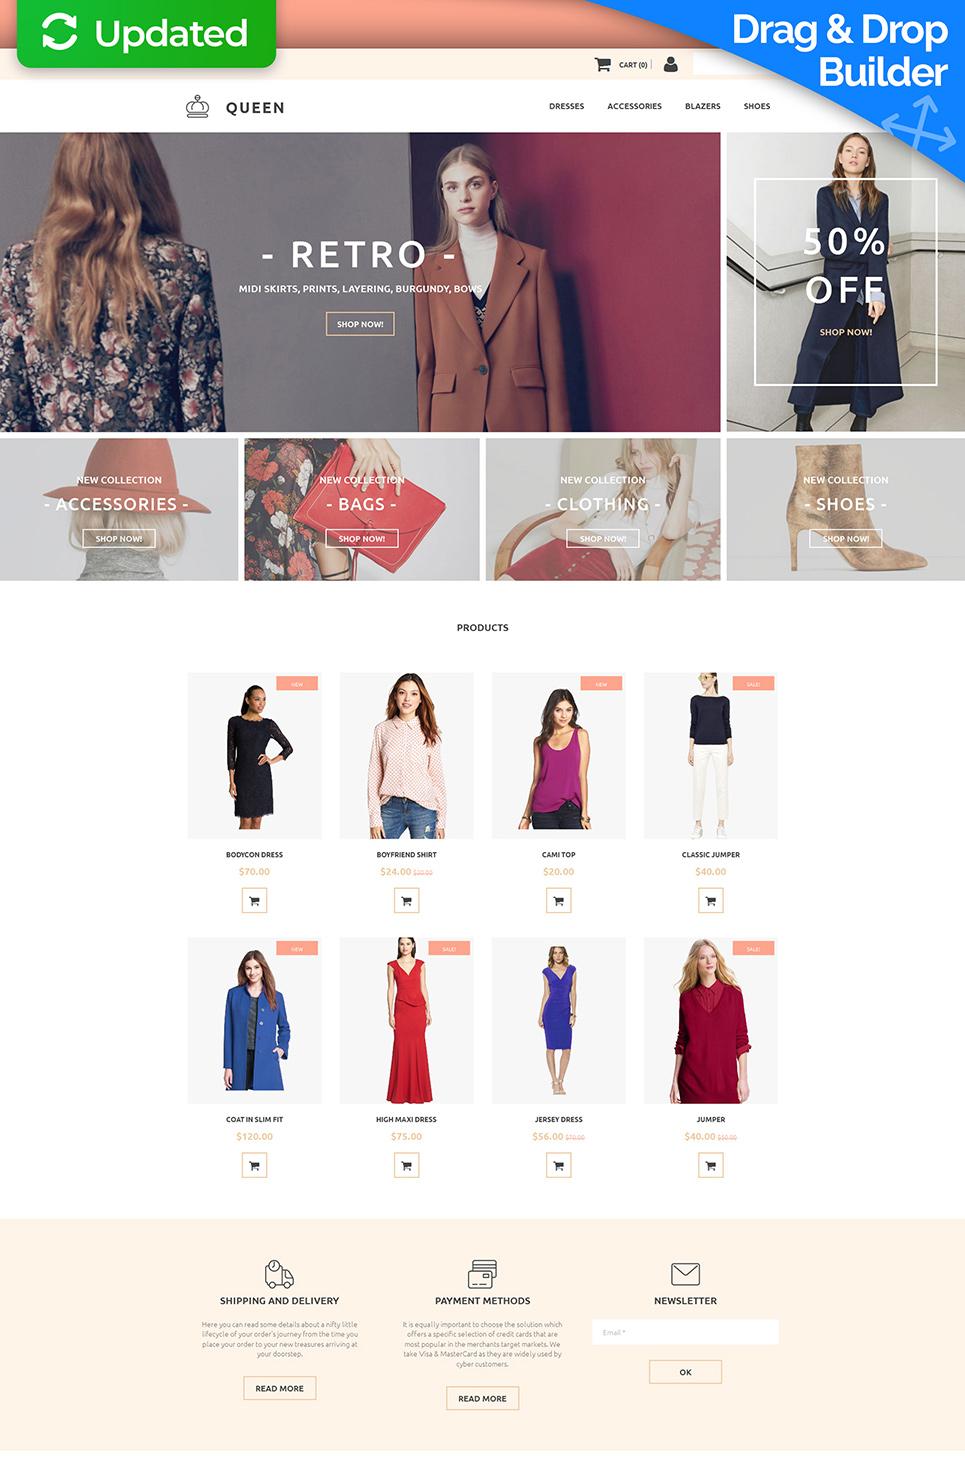 La plantilla eficaz de comercio electrónico #58817 de categoría Moda y Belleza - image